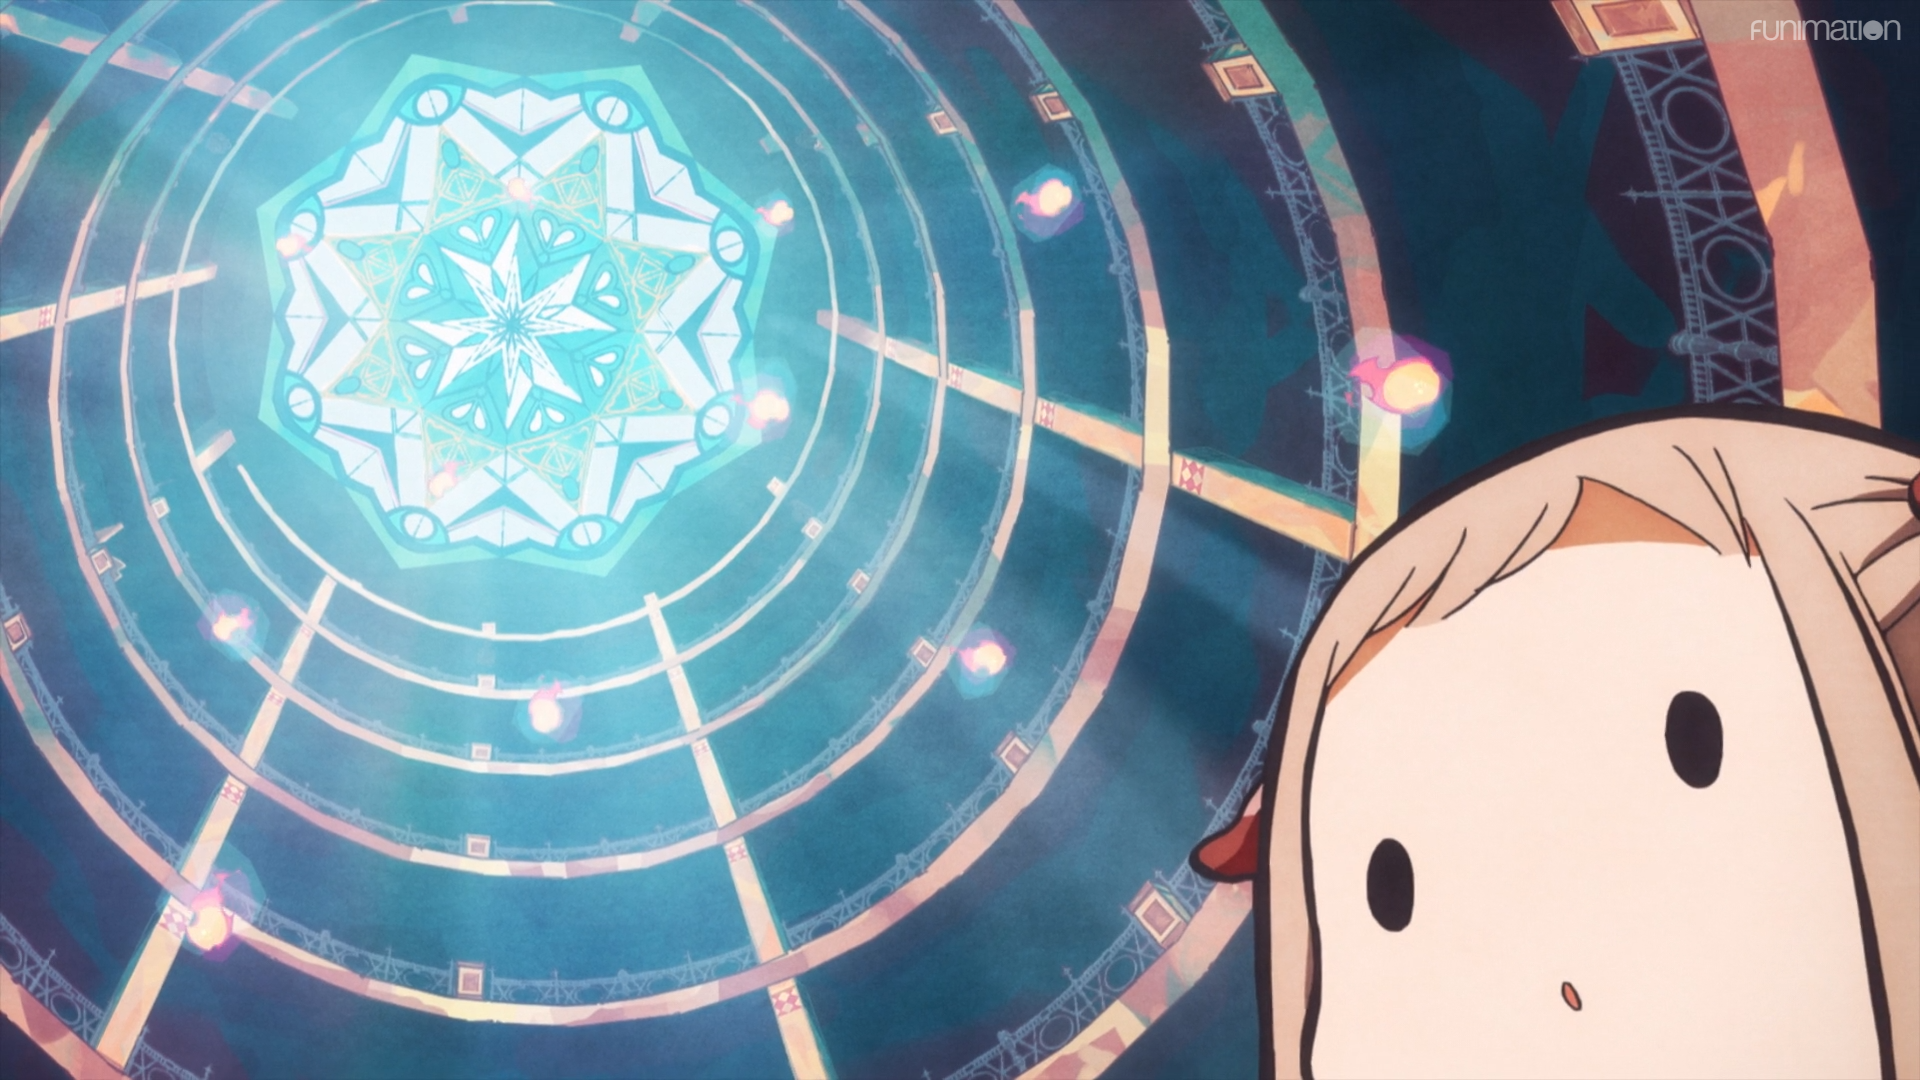 Jibaku Shounen Hanako-kun / Episode 10 / Yashiro looking up